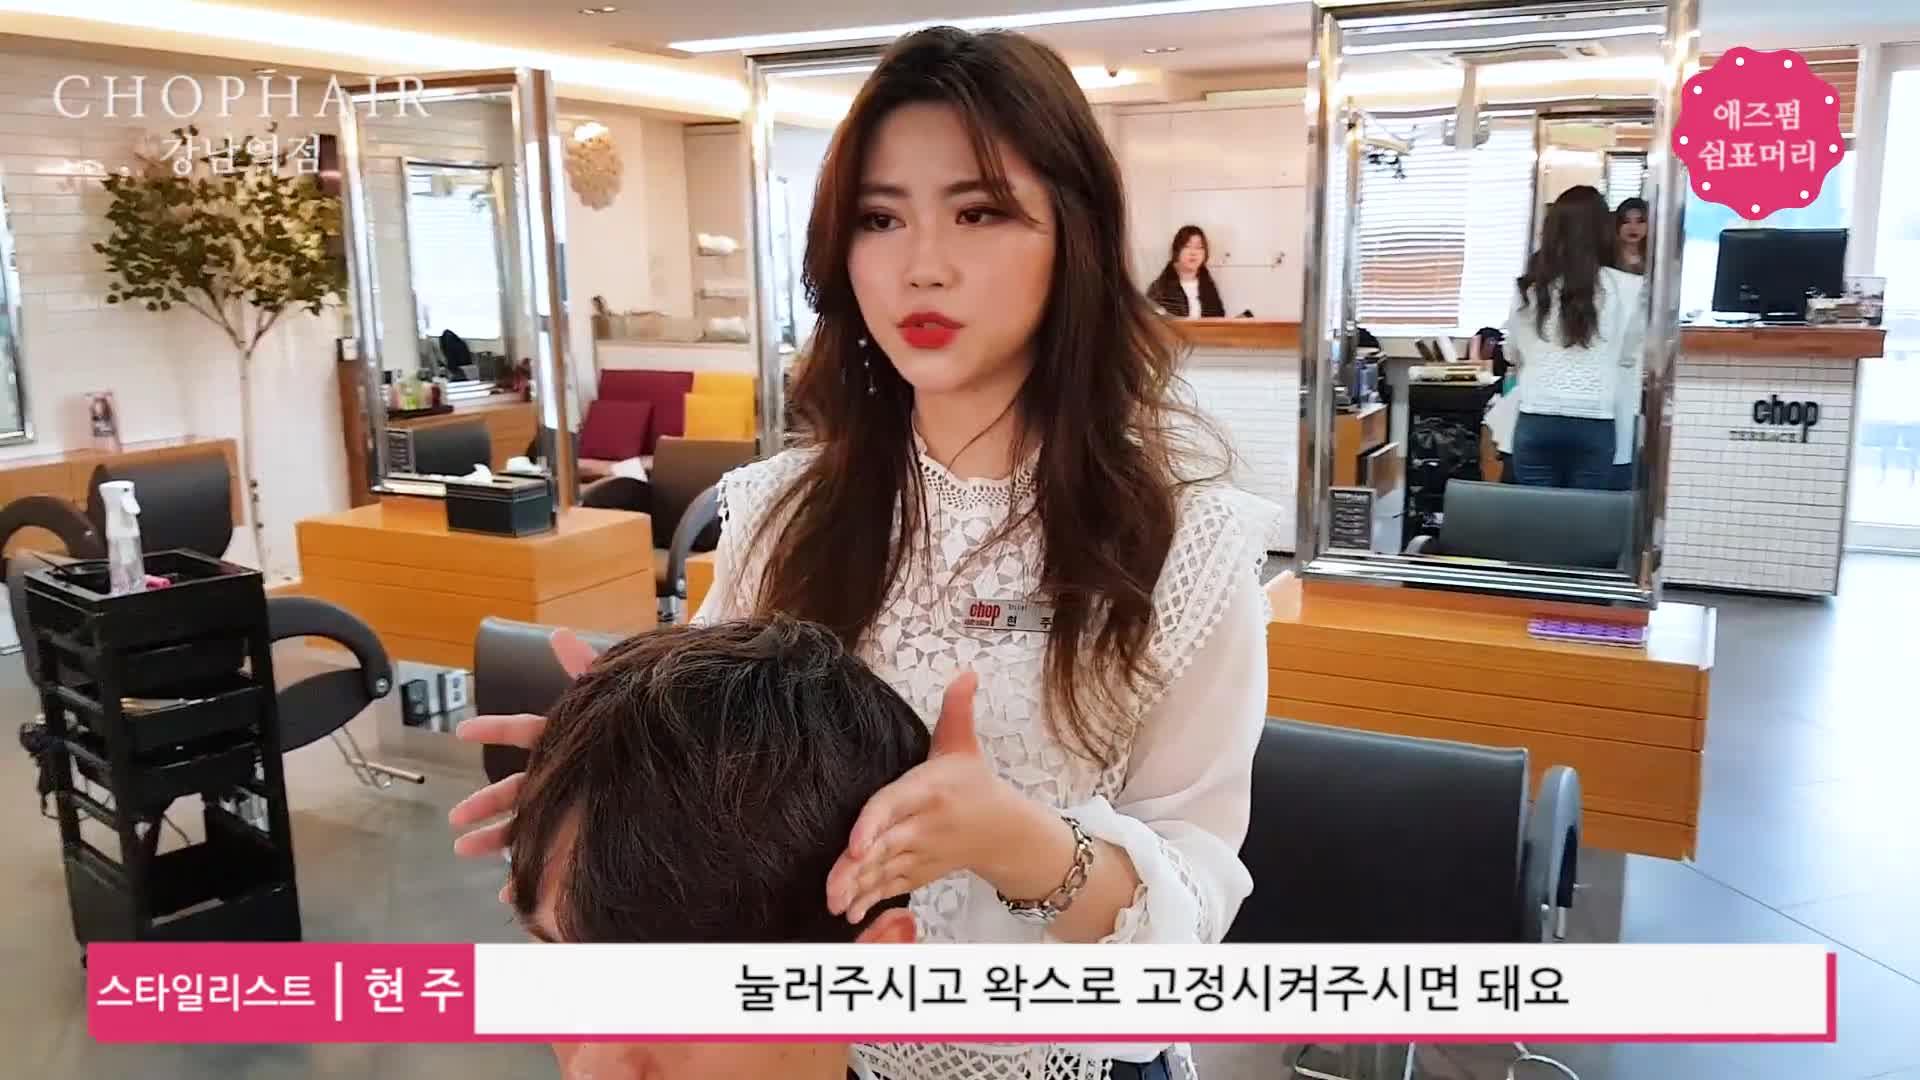 [1분팁]훈남의 정석 애즈펌 시술과정과 스타일링 꿀팁!!